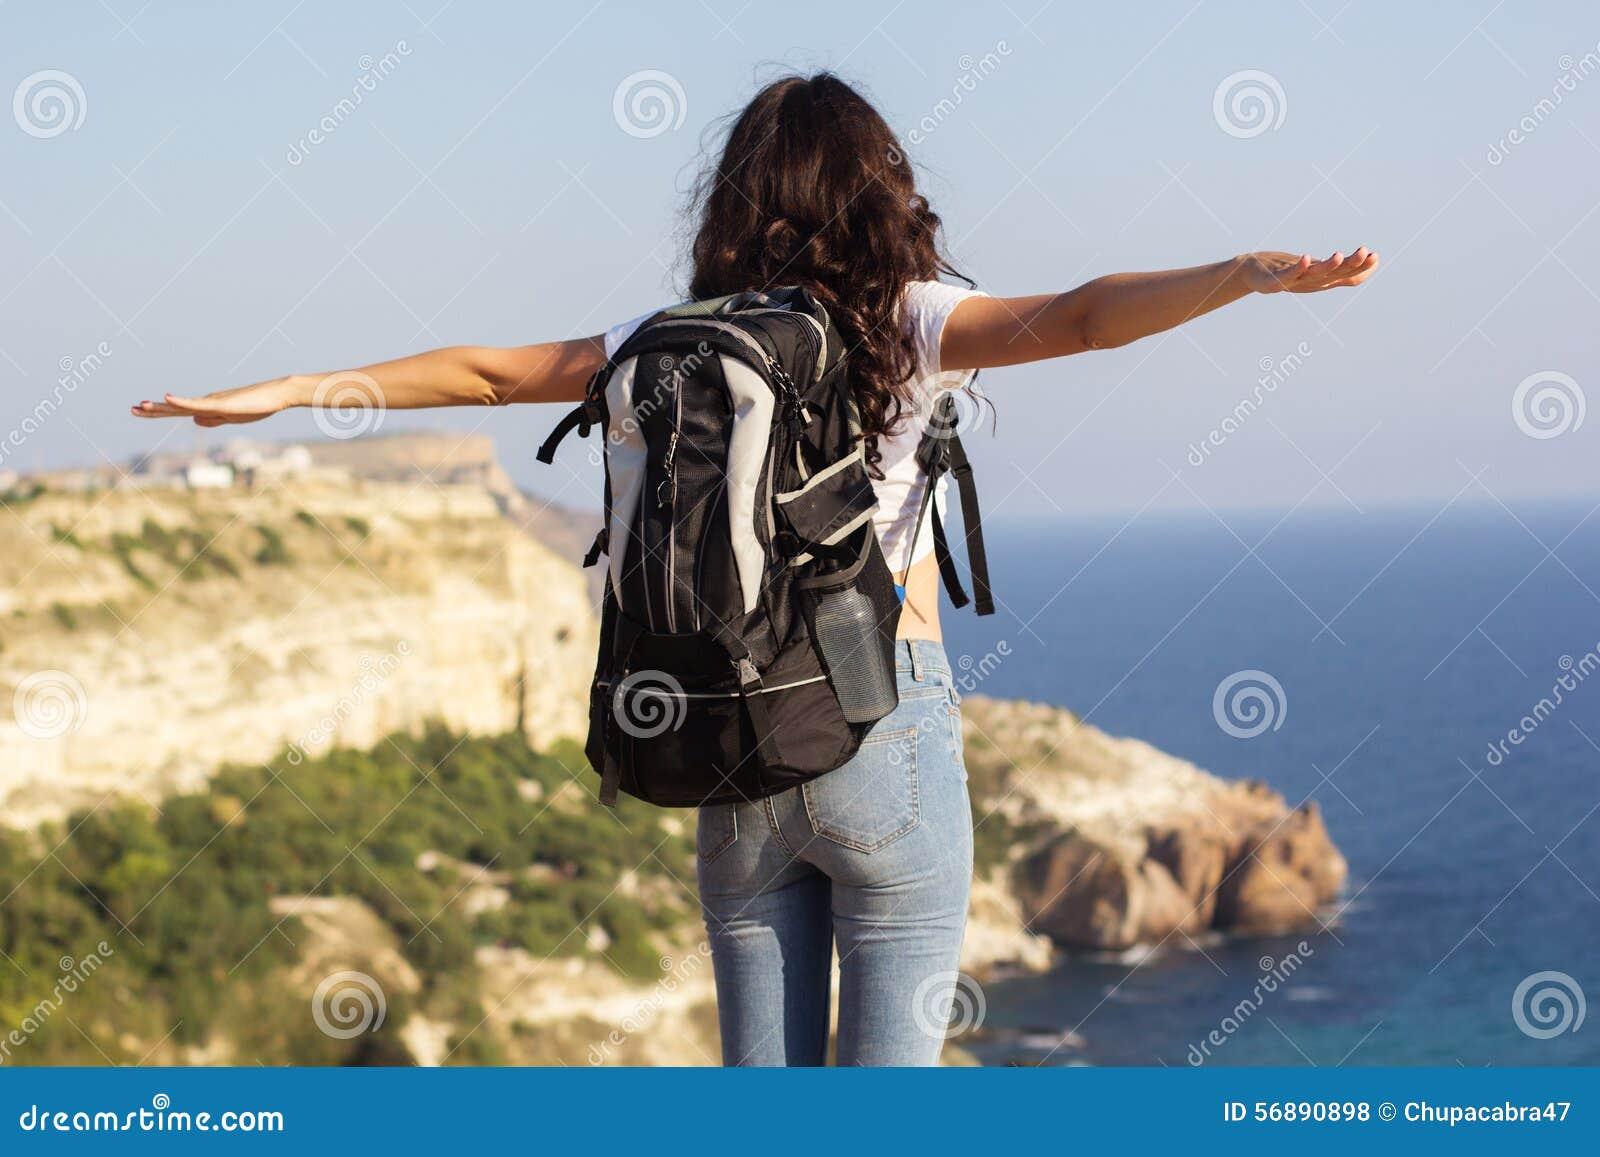 Il punto di vista posteriore del viaggiatore sta stando sulla roccia con lo zaino